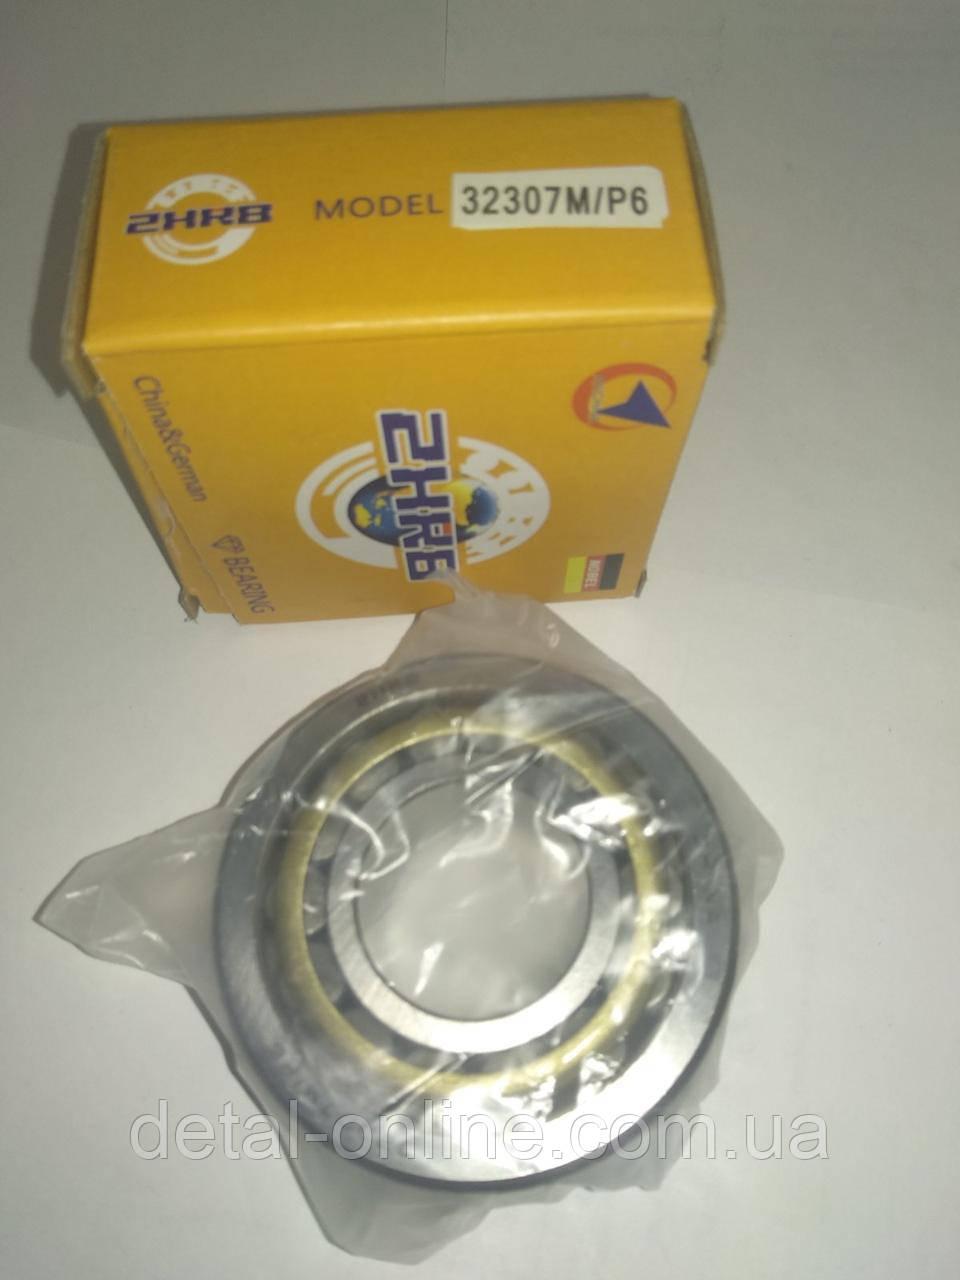 7607 Подшипник роликовый конический (32307) (NOBEL)